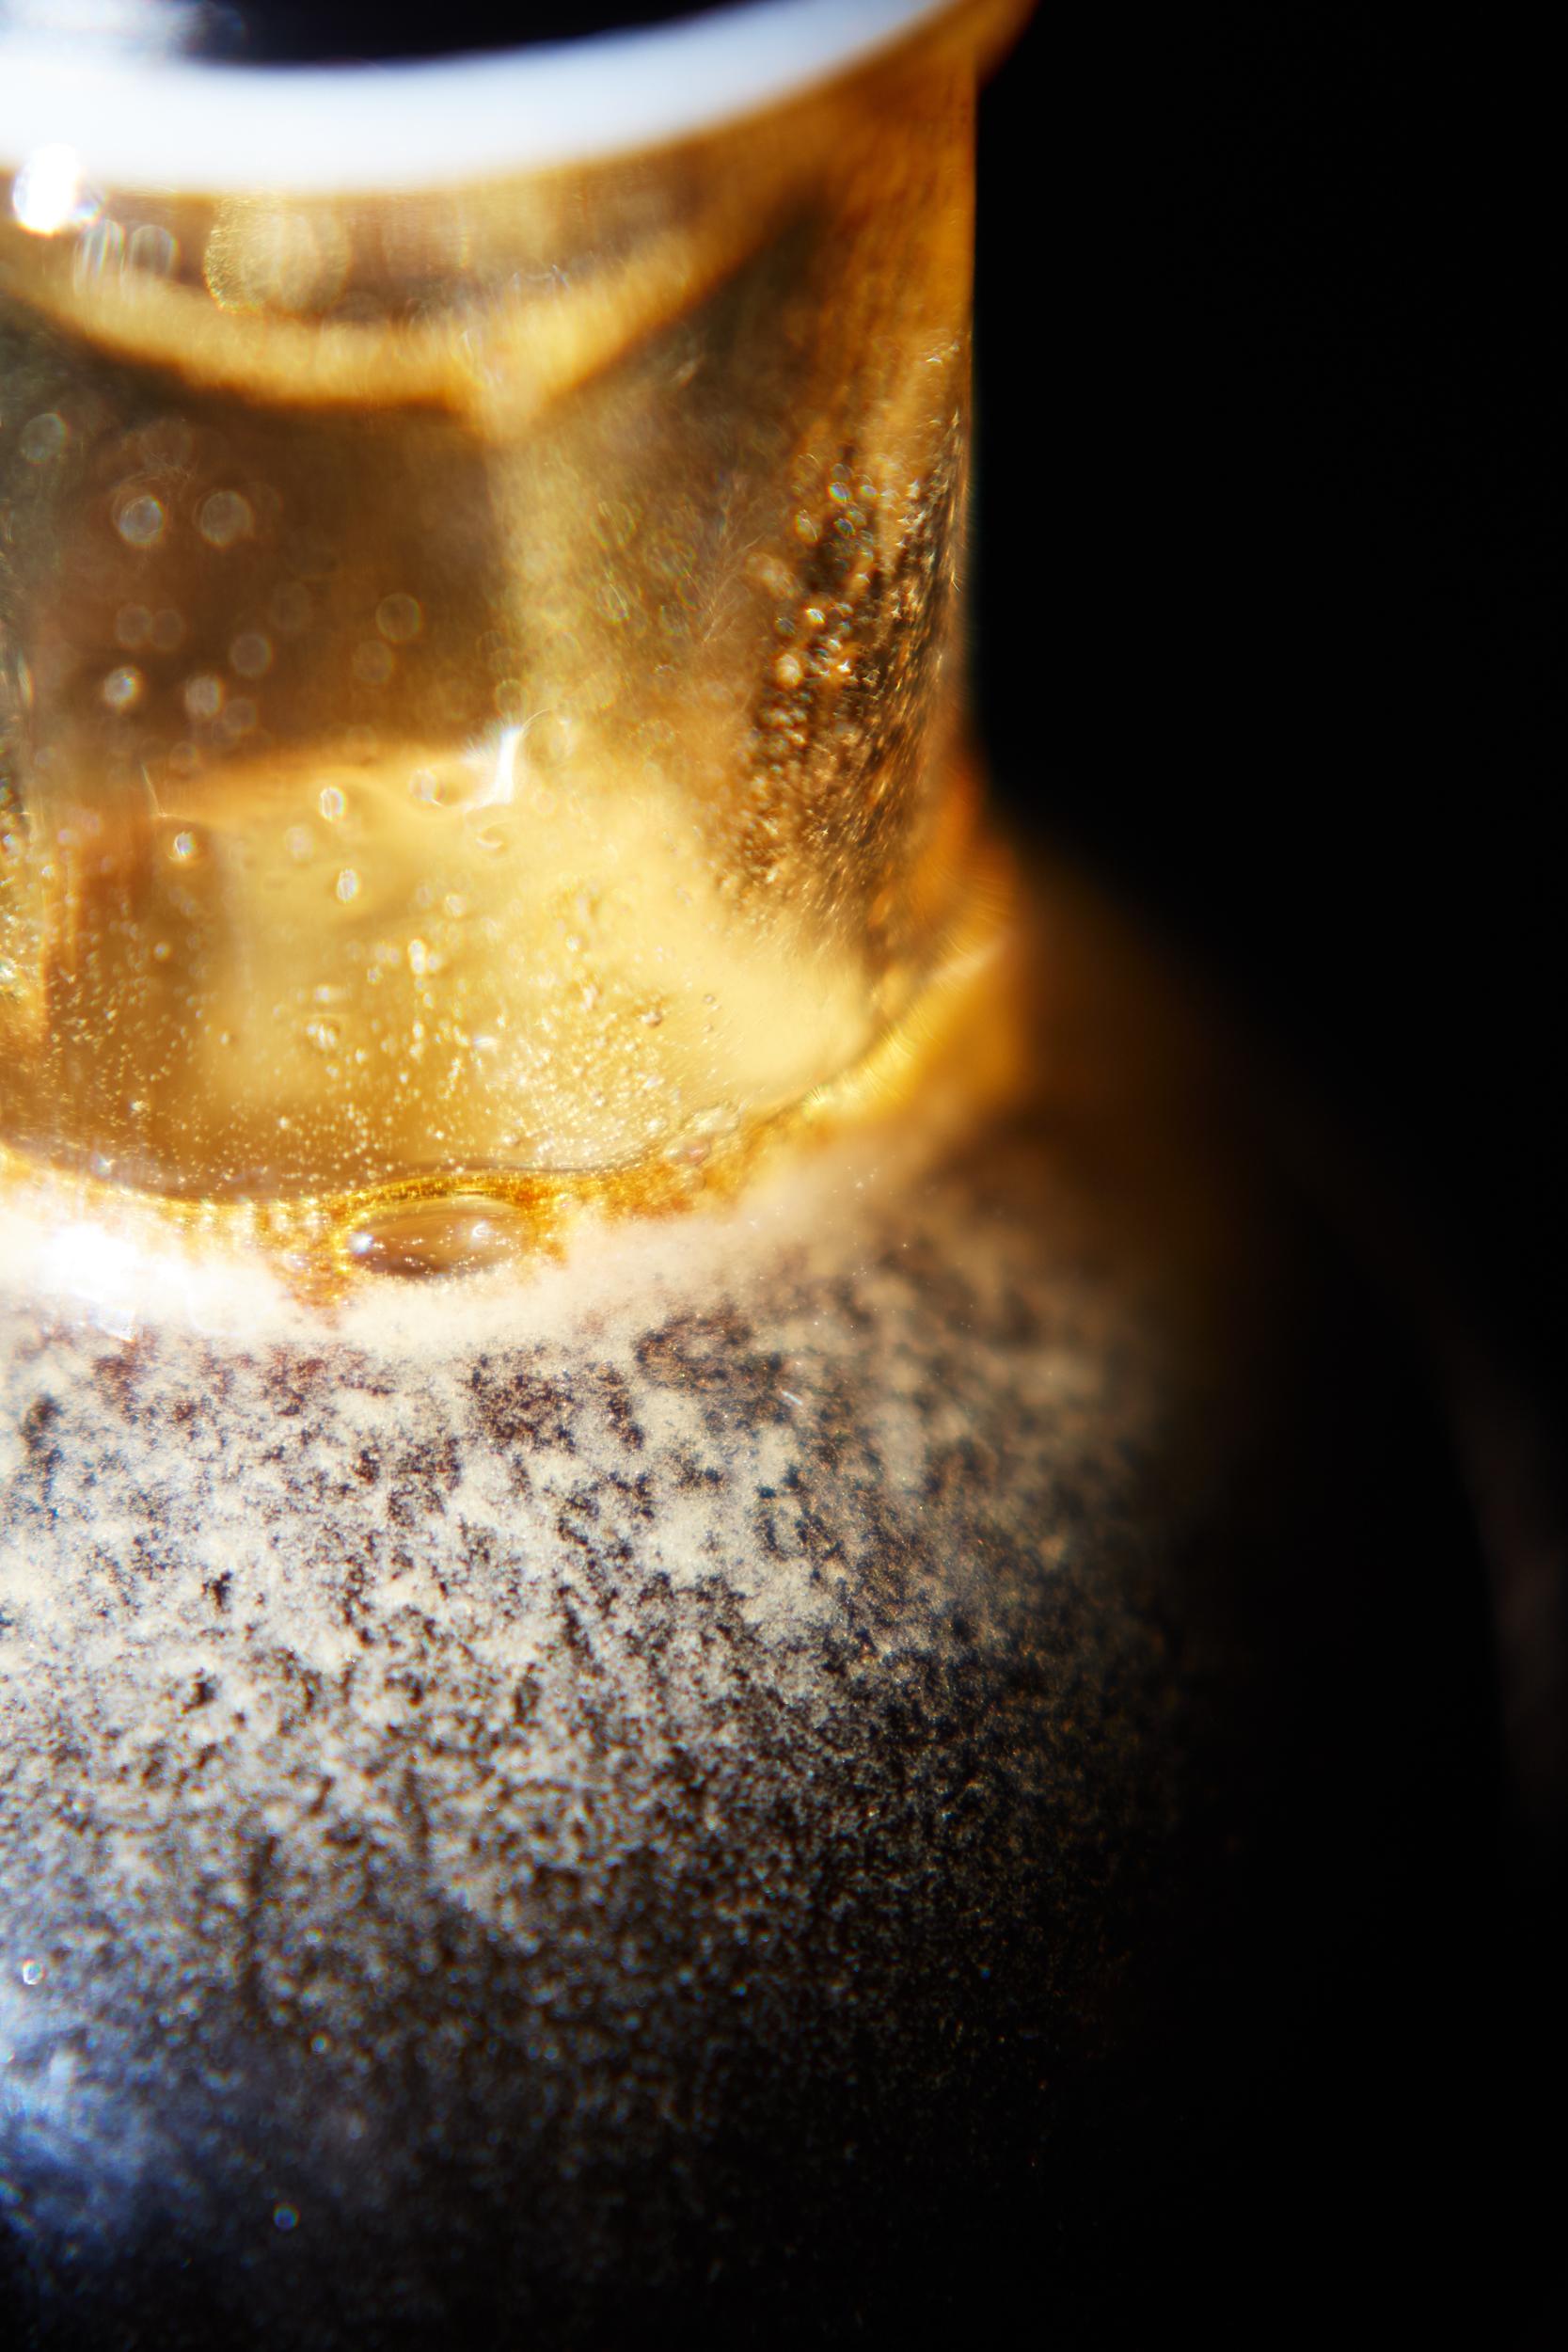 180228_COFFEE_SYRUP_MG_6628.jpg